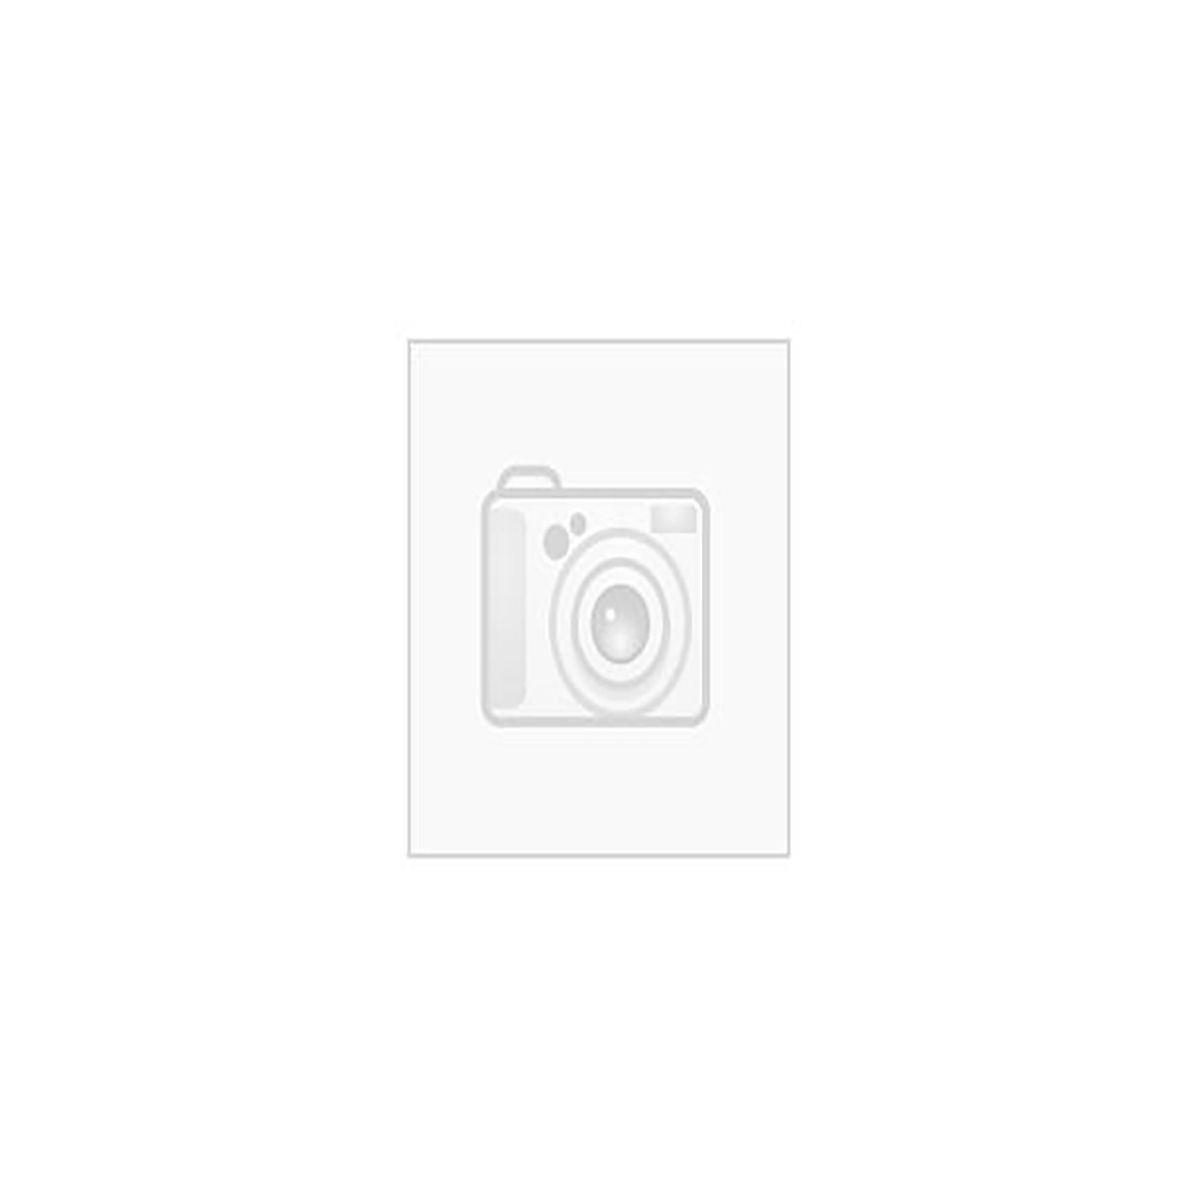 Tapwell - BOX8368 SQUARE Takdusj